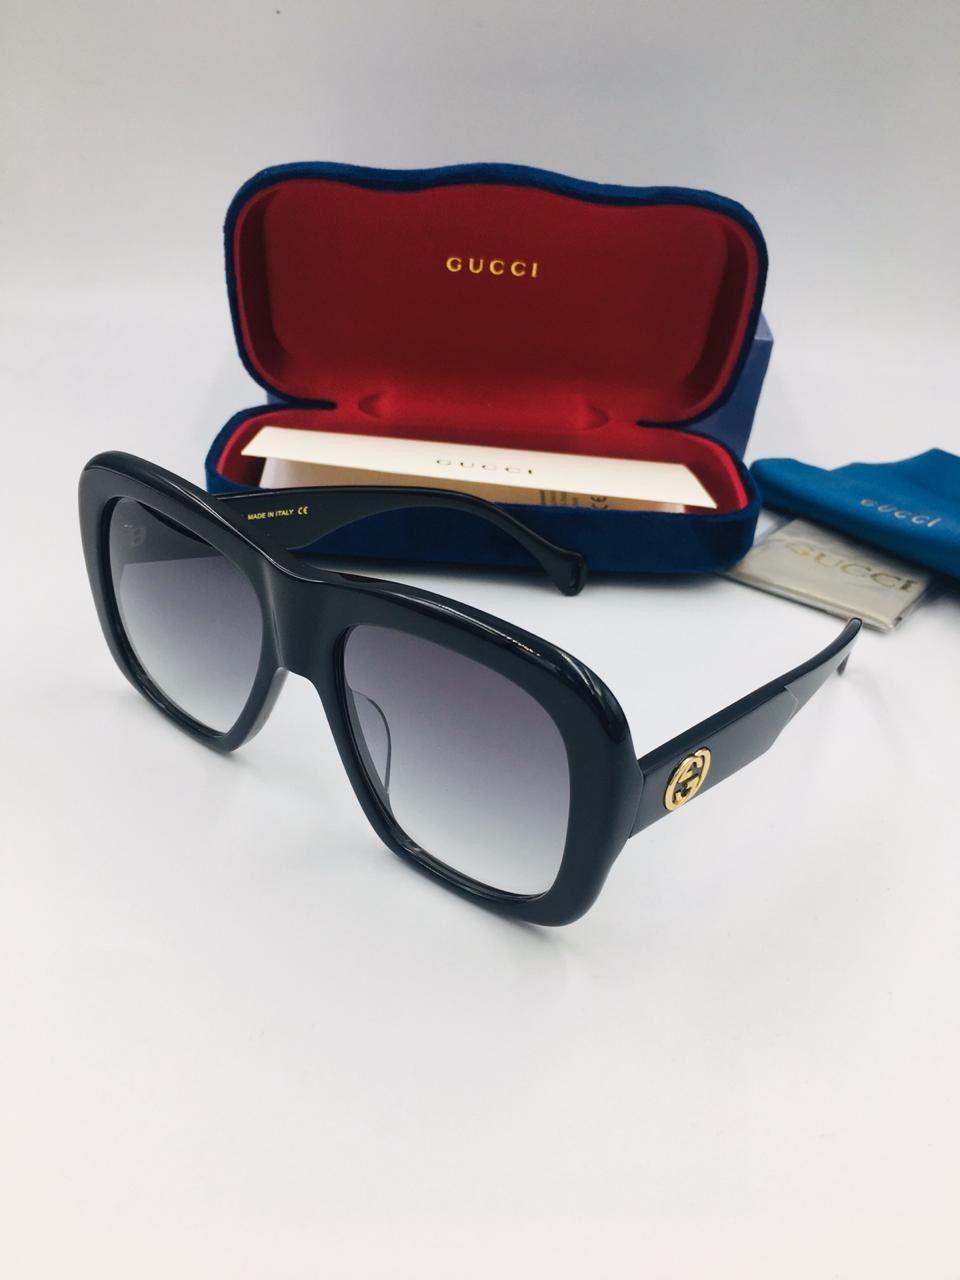 Pin By Unique Store Dubai On Sunglasses In 2020 Sunglasses Women Designer Sunglasses Branding Sunglasses Case